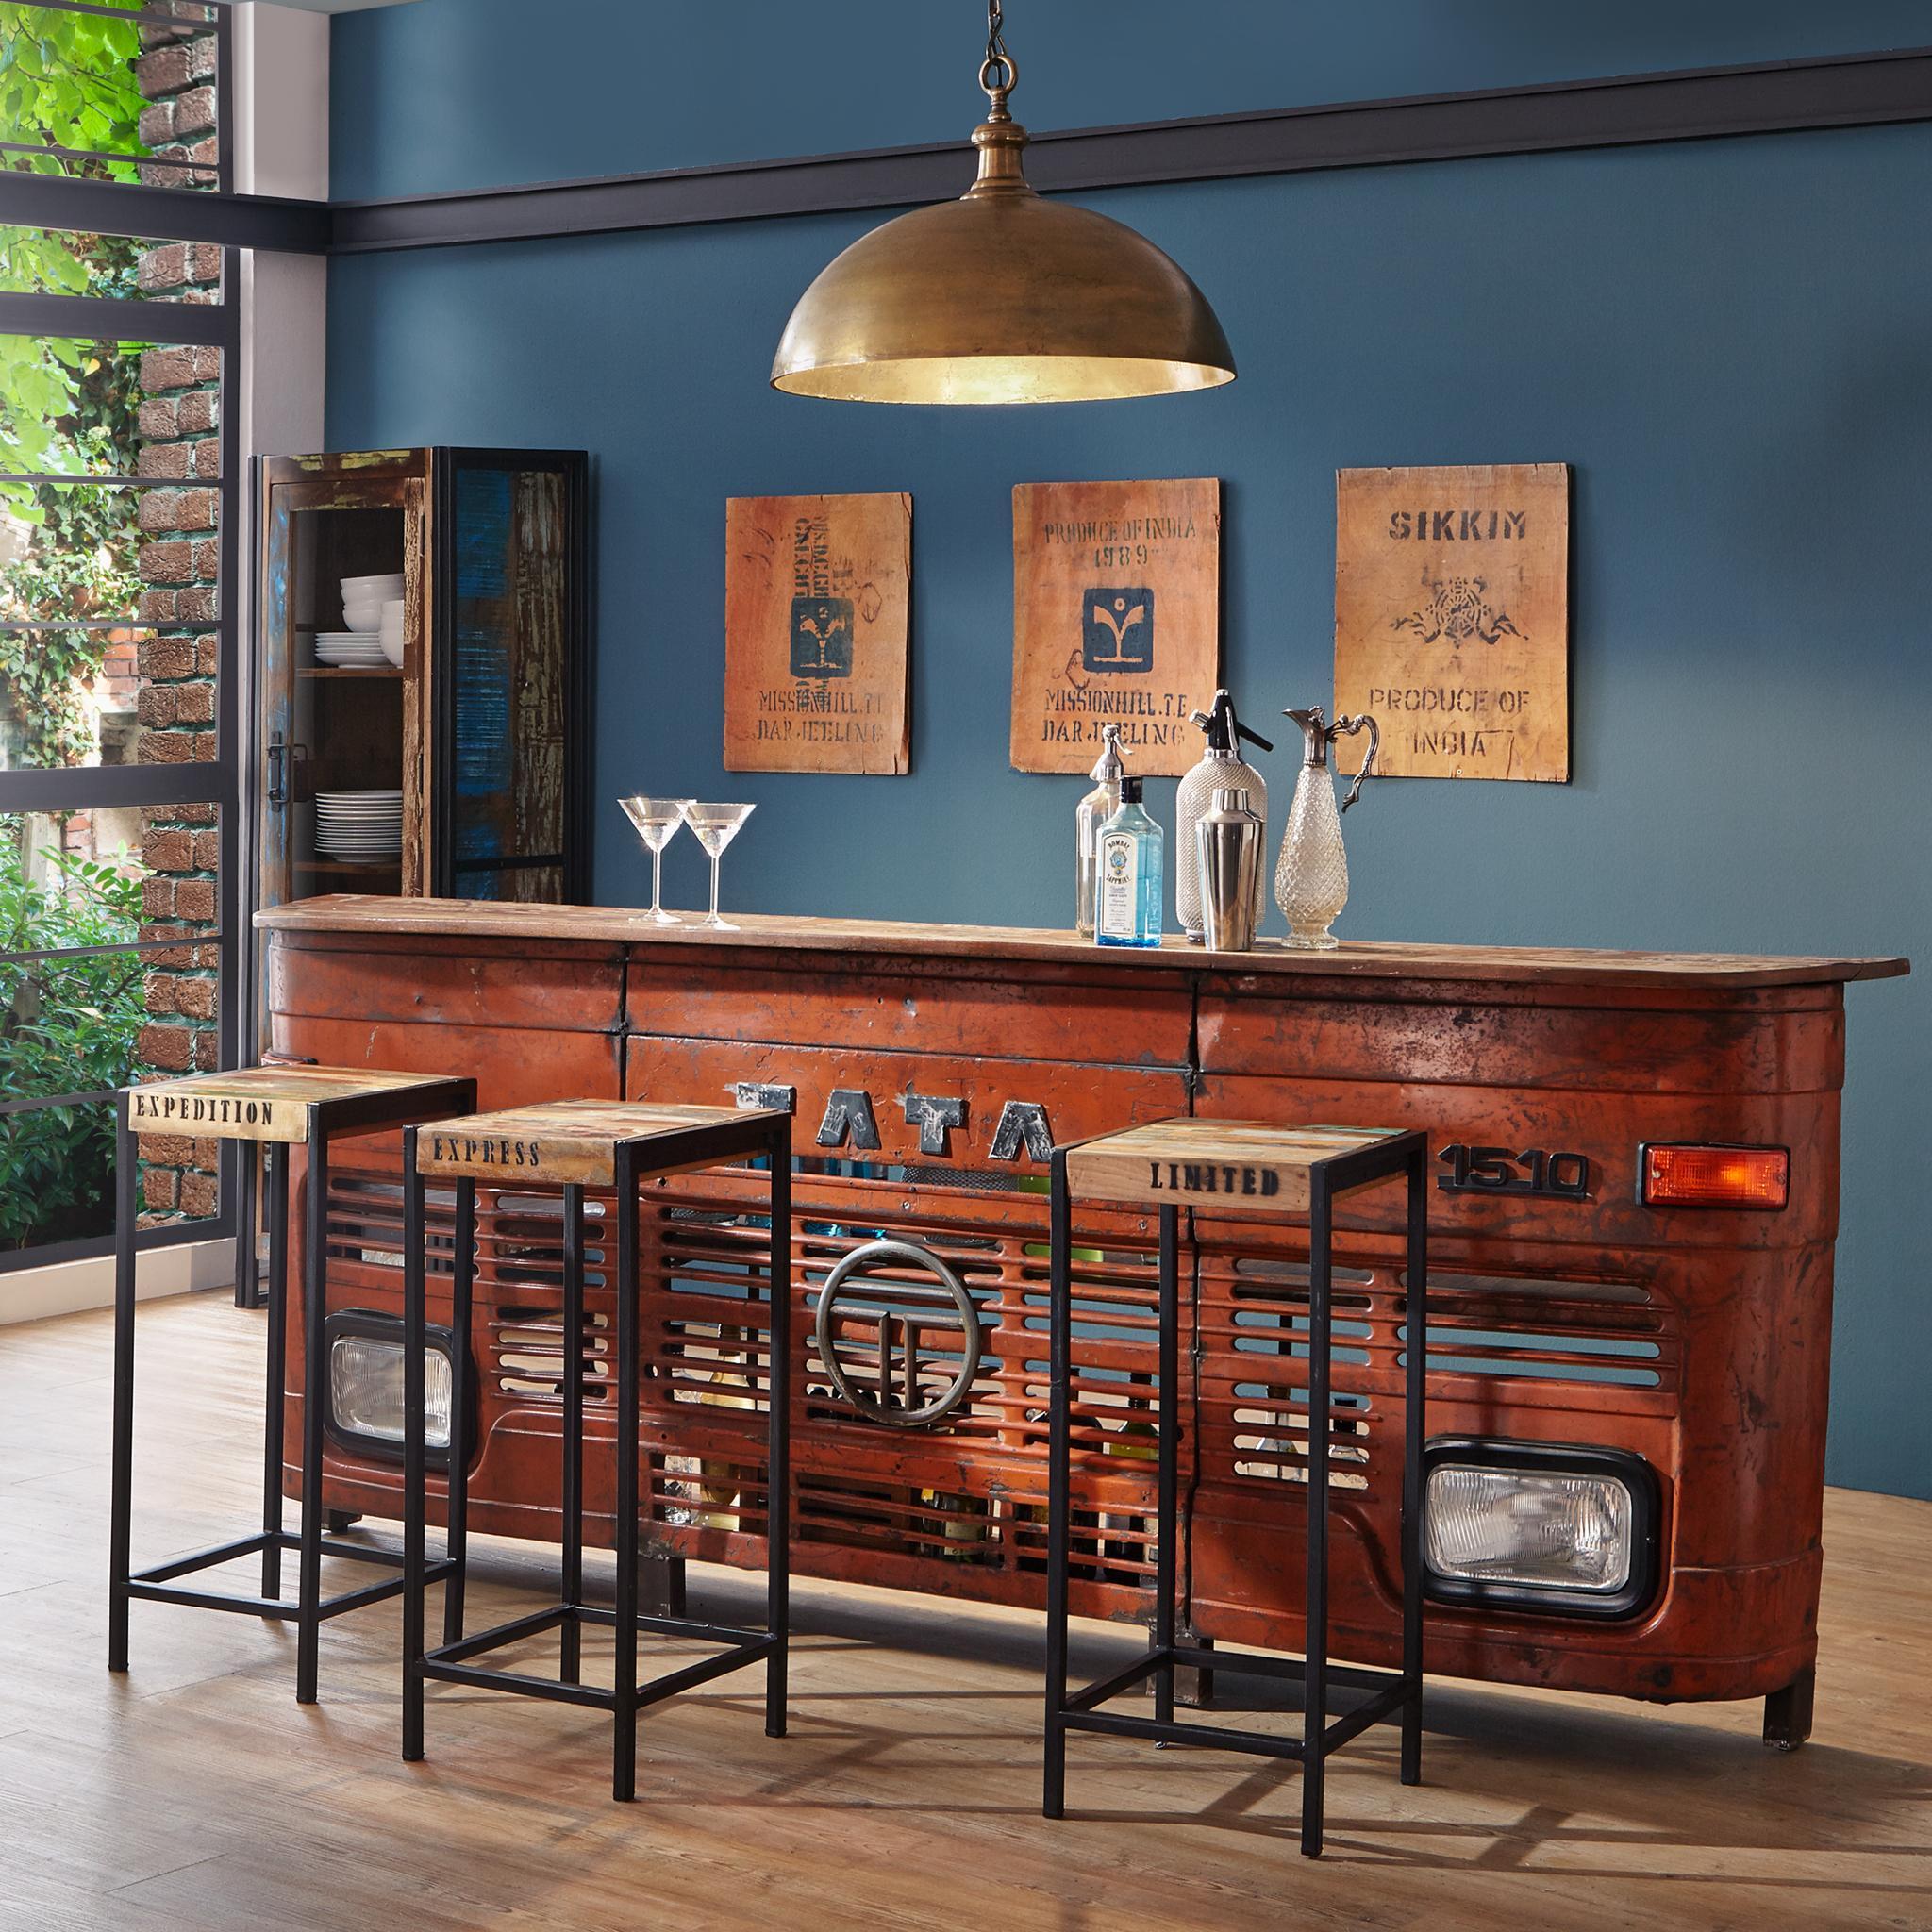 K chenbar bilder ideen couchstyle - Hausbar ideen ...